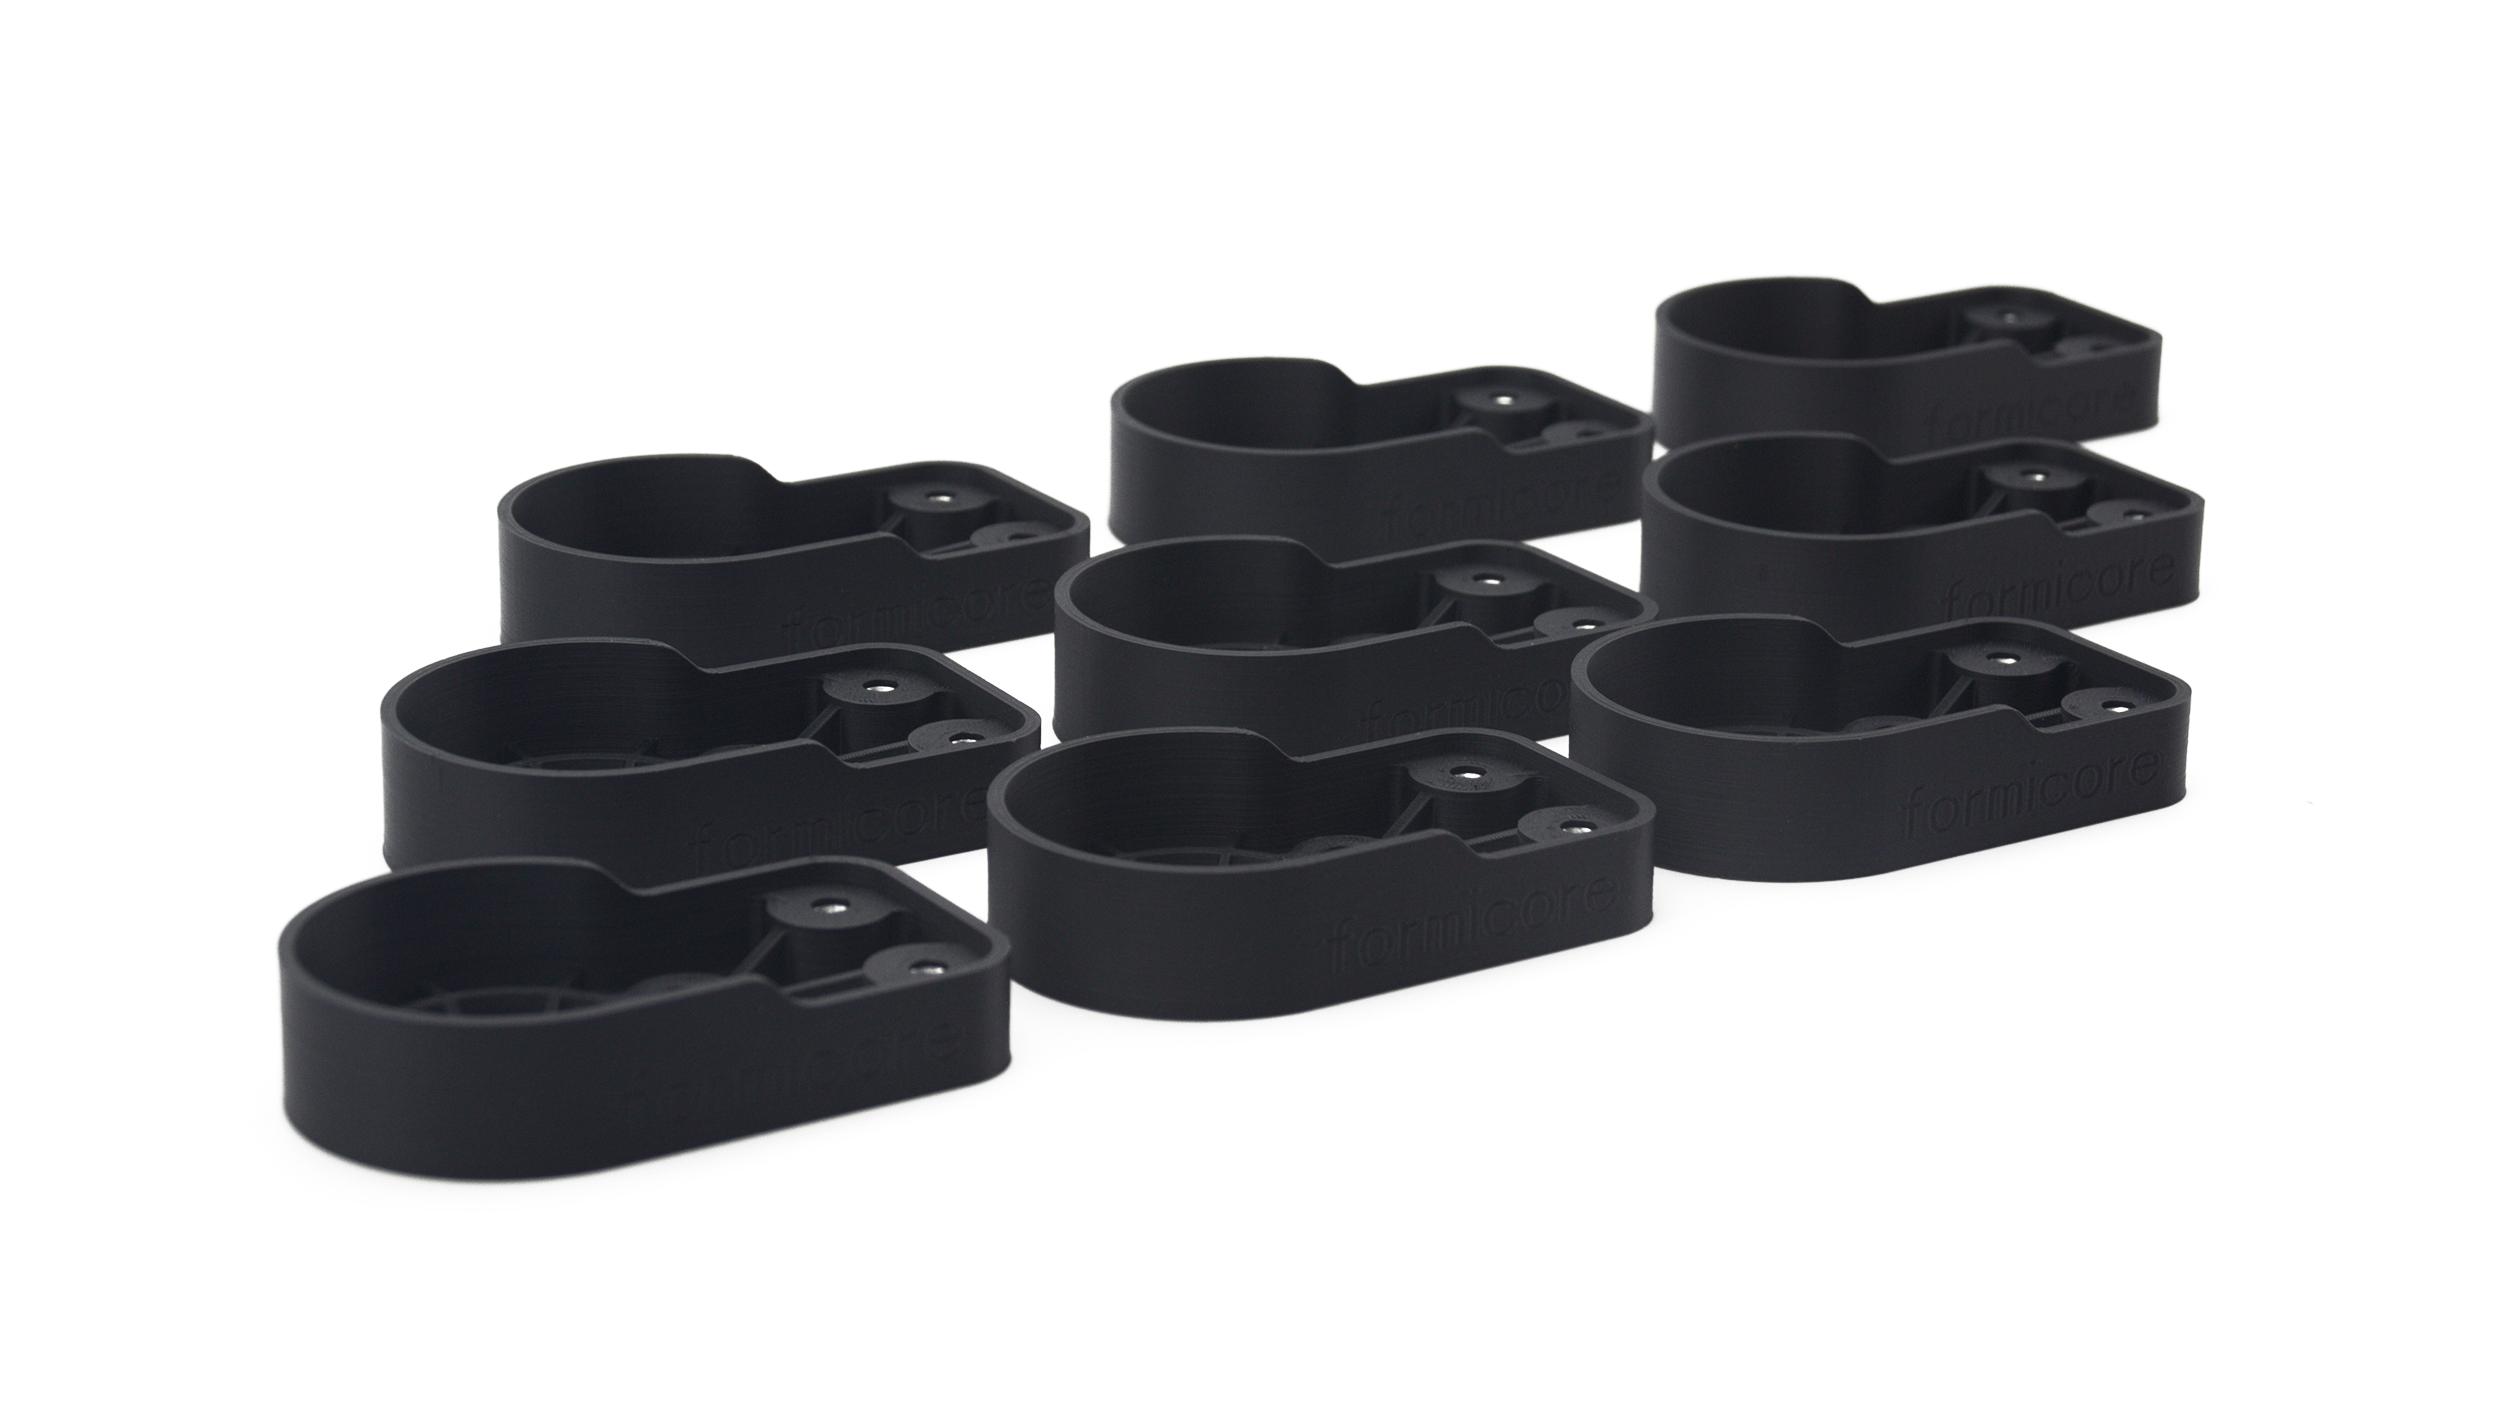 Kleinserie von 3D gedruckten Bauteilen in schwarzem Polymer